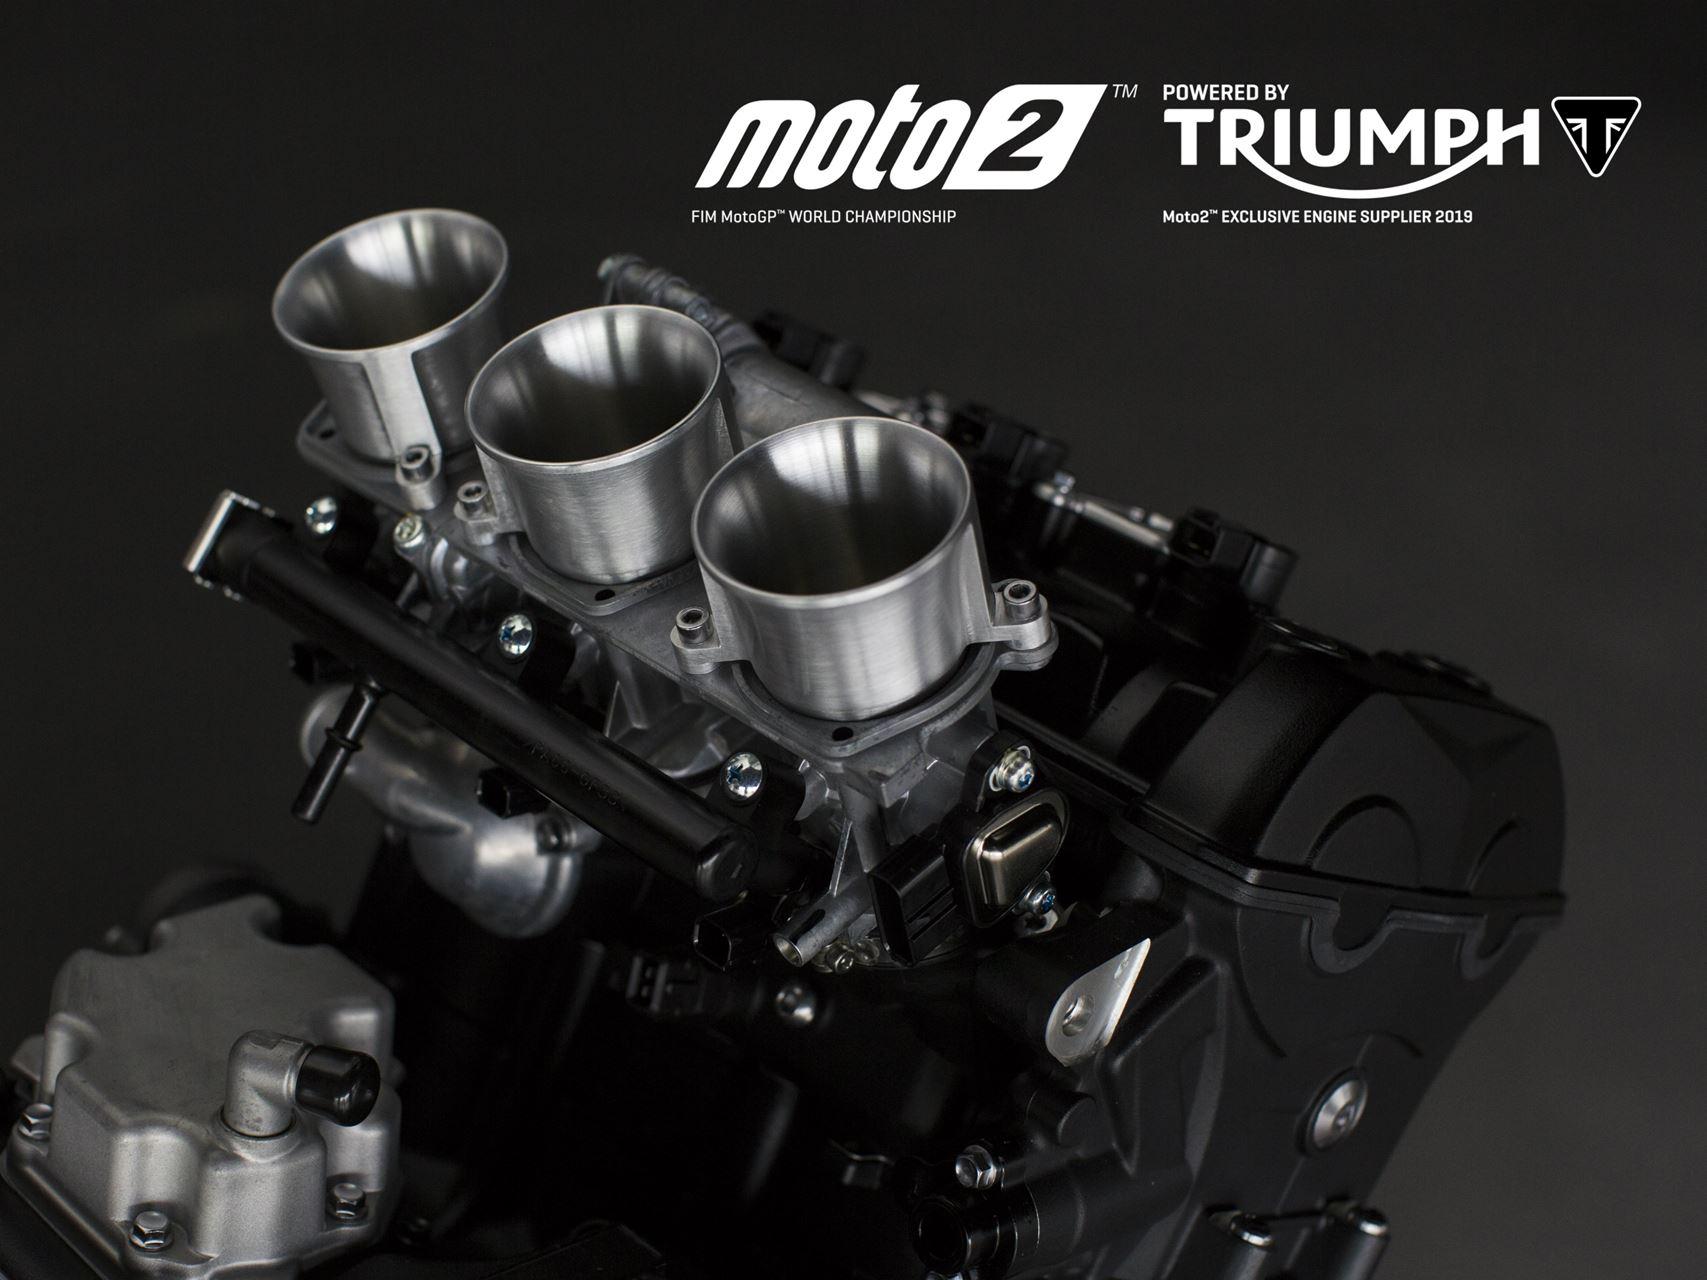 MOTOR TRIUMPH DE 765 CC BATE NOVOS RECORDES E AUMENTA EMOÇÃO NA TEMPORADA 2019 DA MOTO2